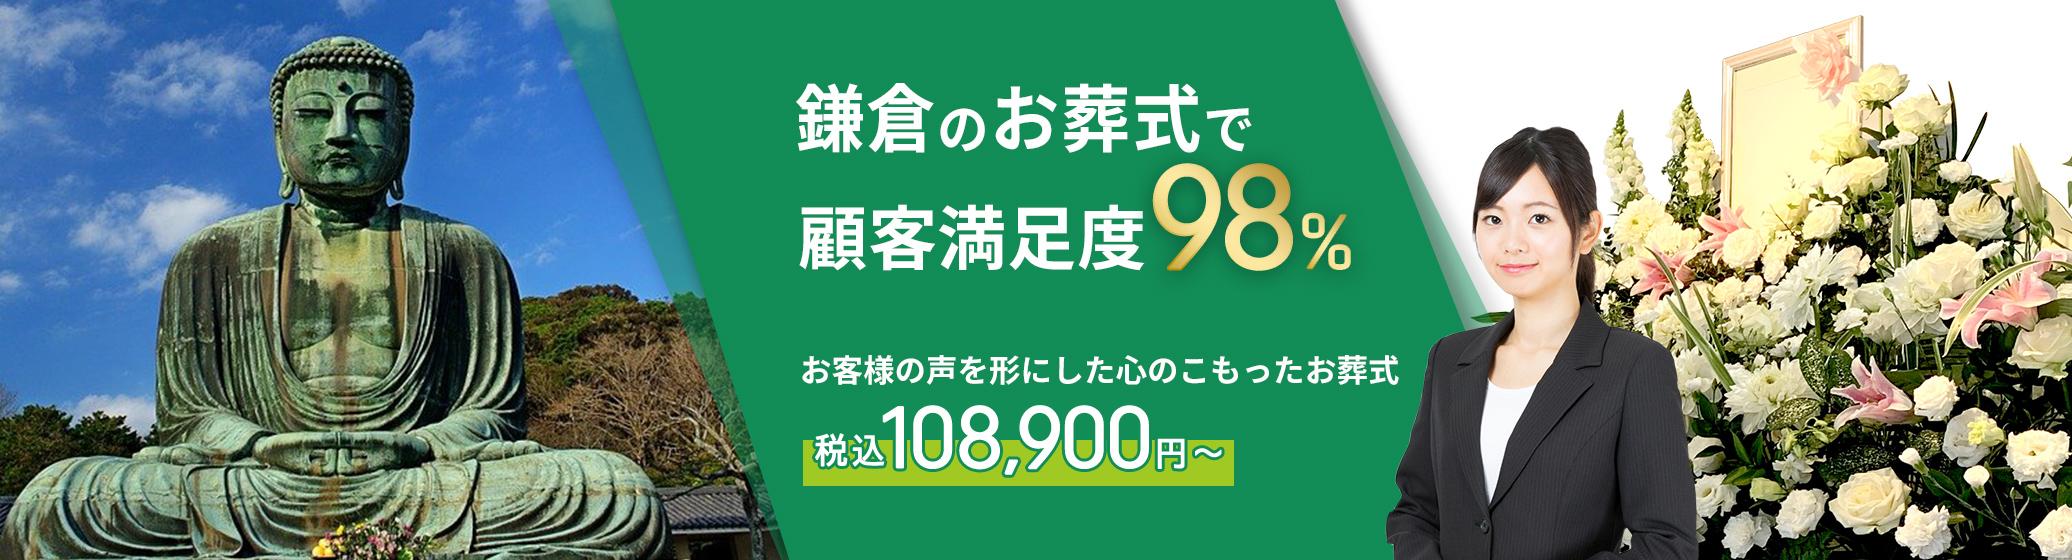 鎌倉市で葬儀をお考えの方へ安心価格で納得のお葬式が定額プラン・葬儀に必要なものすべて含んで140,000円(税込)